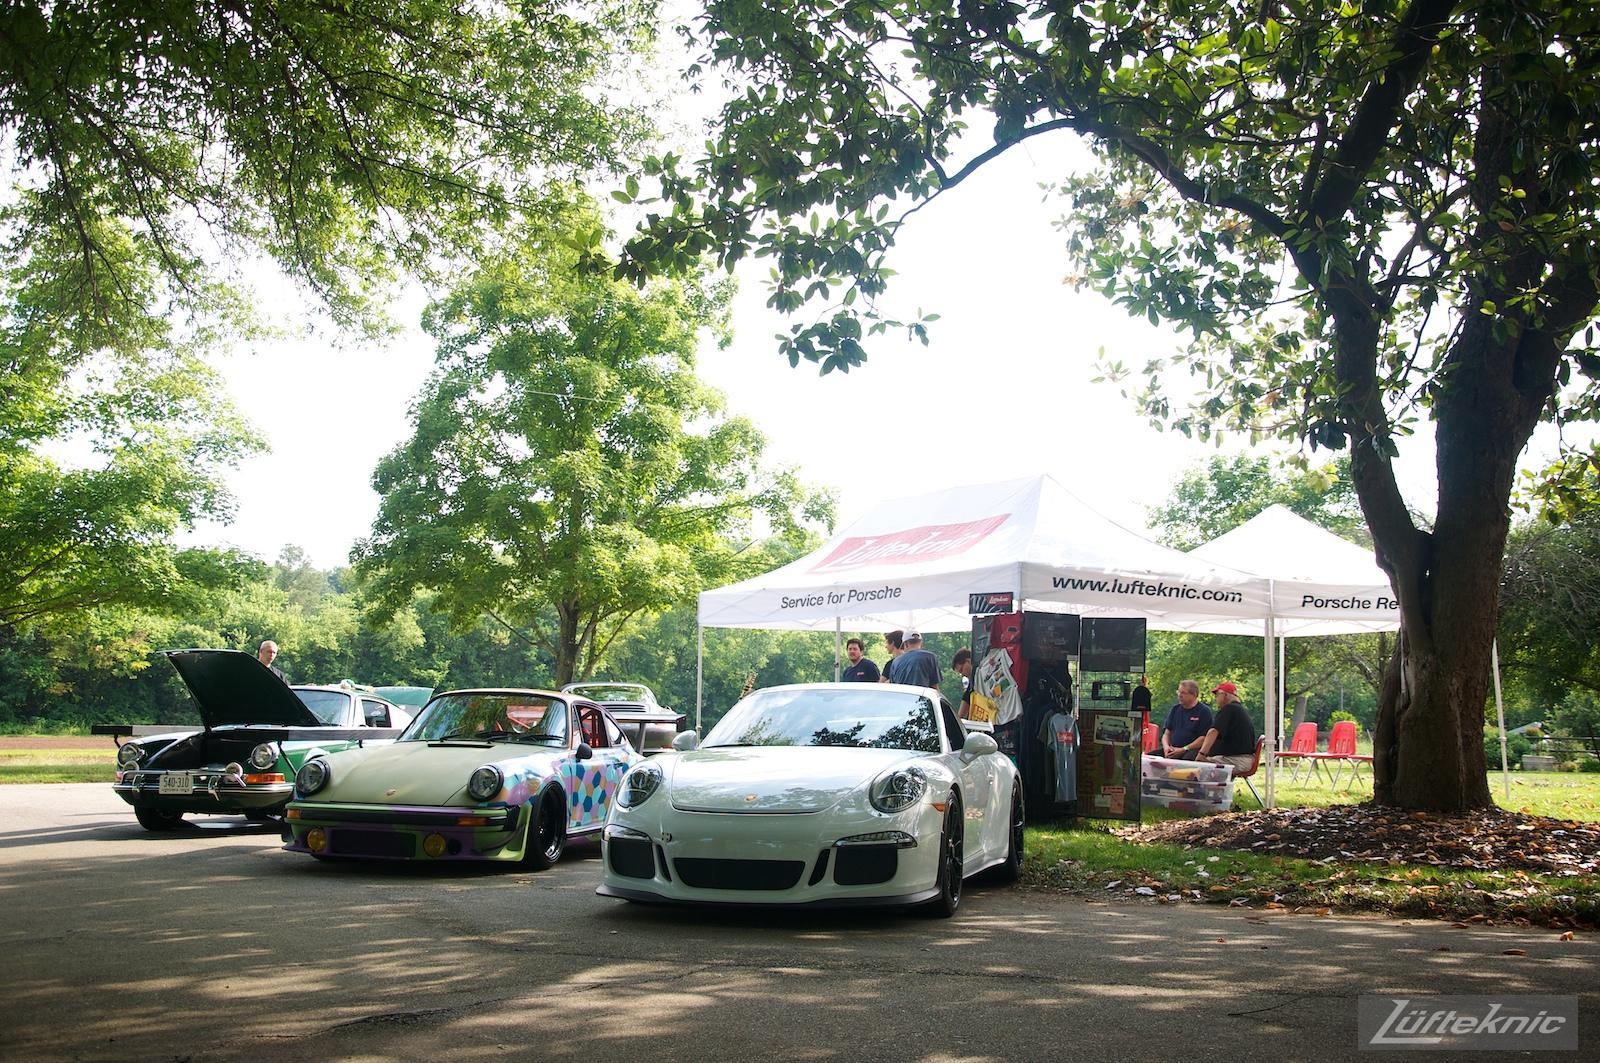 Lufteknic booth at the Richmond Porsche Meet.